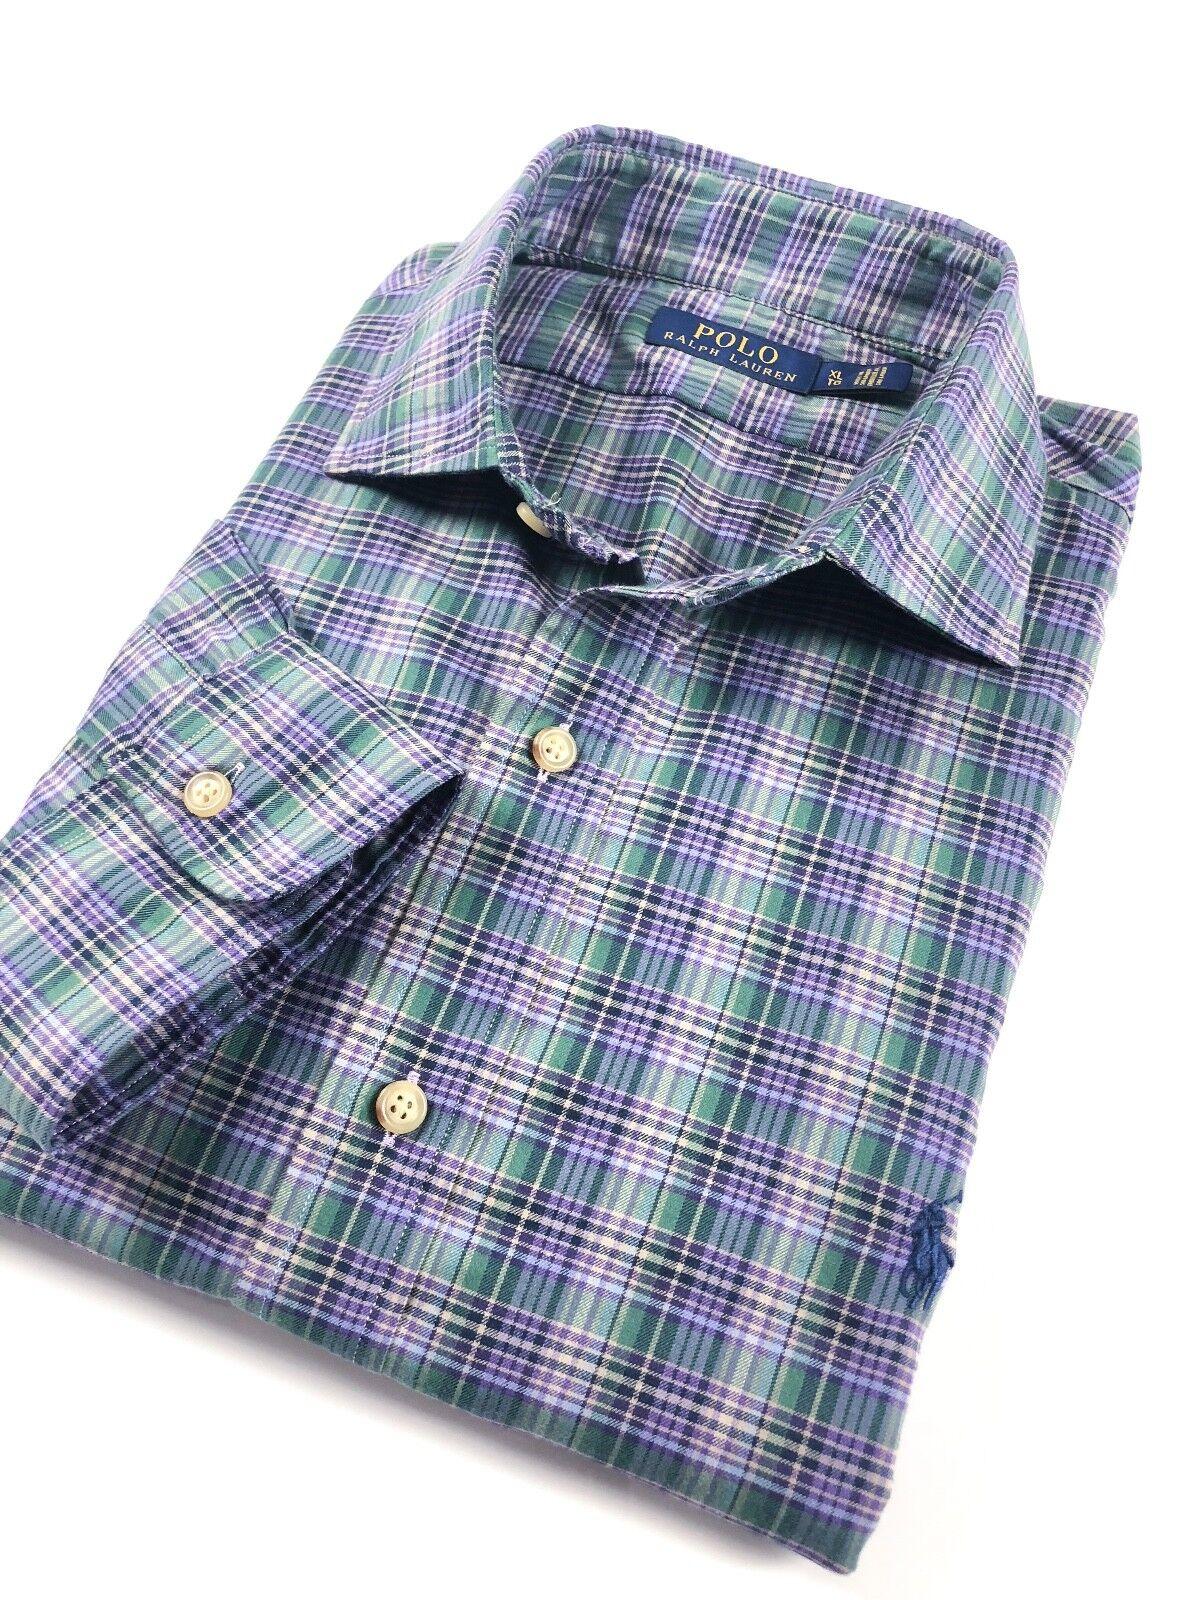 POLO Ralph Lauren Camicia Uomo Viola verde Twill Tartan Controlli diffusione Collare